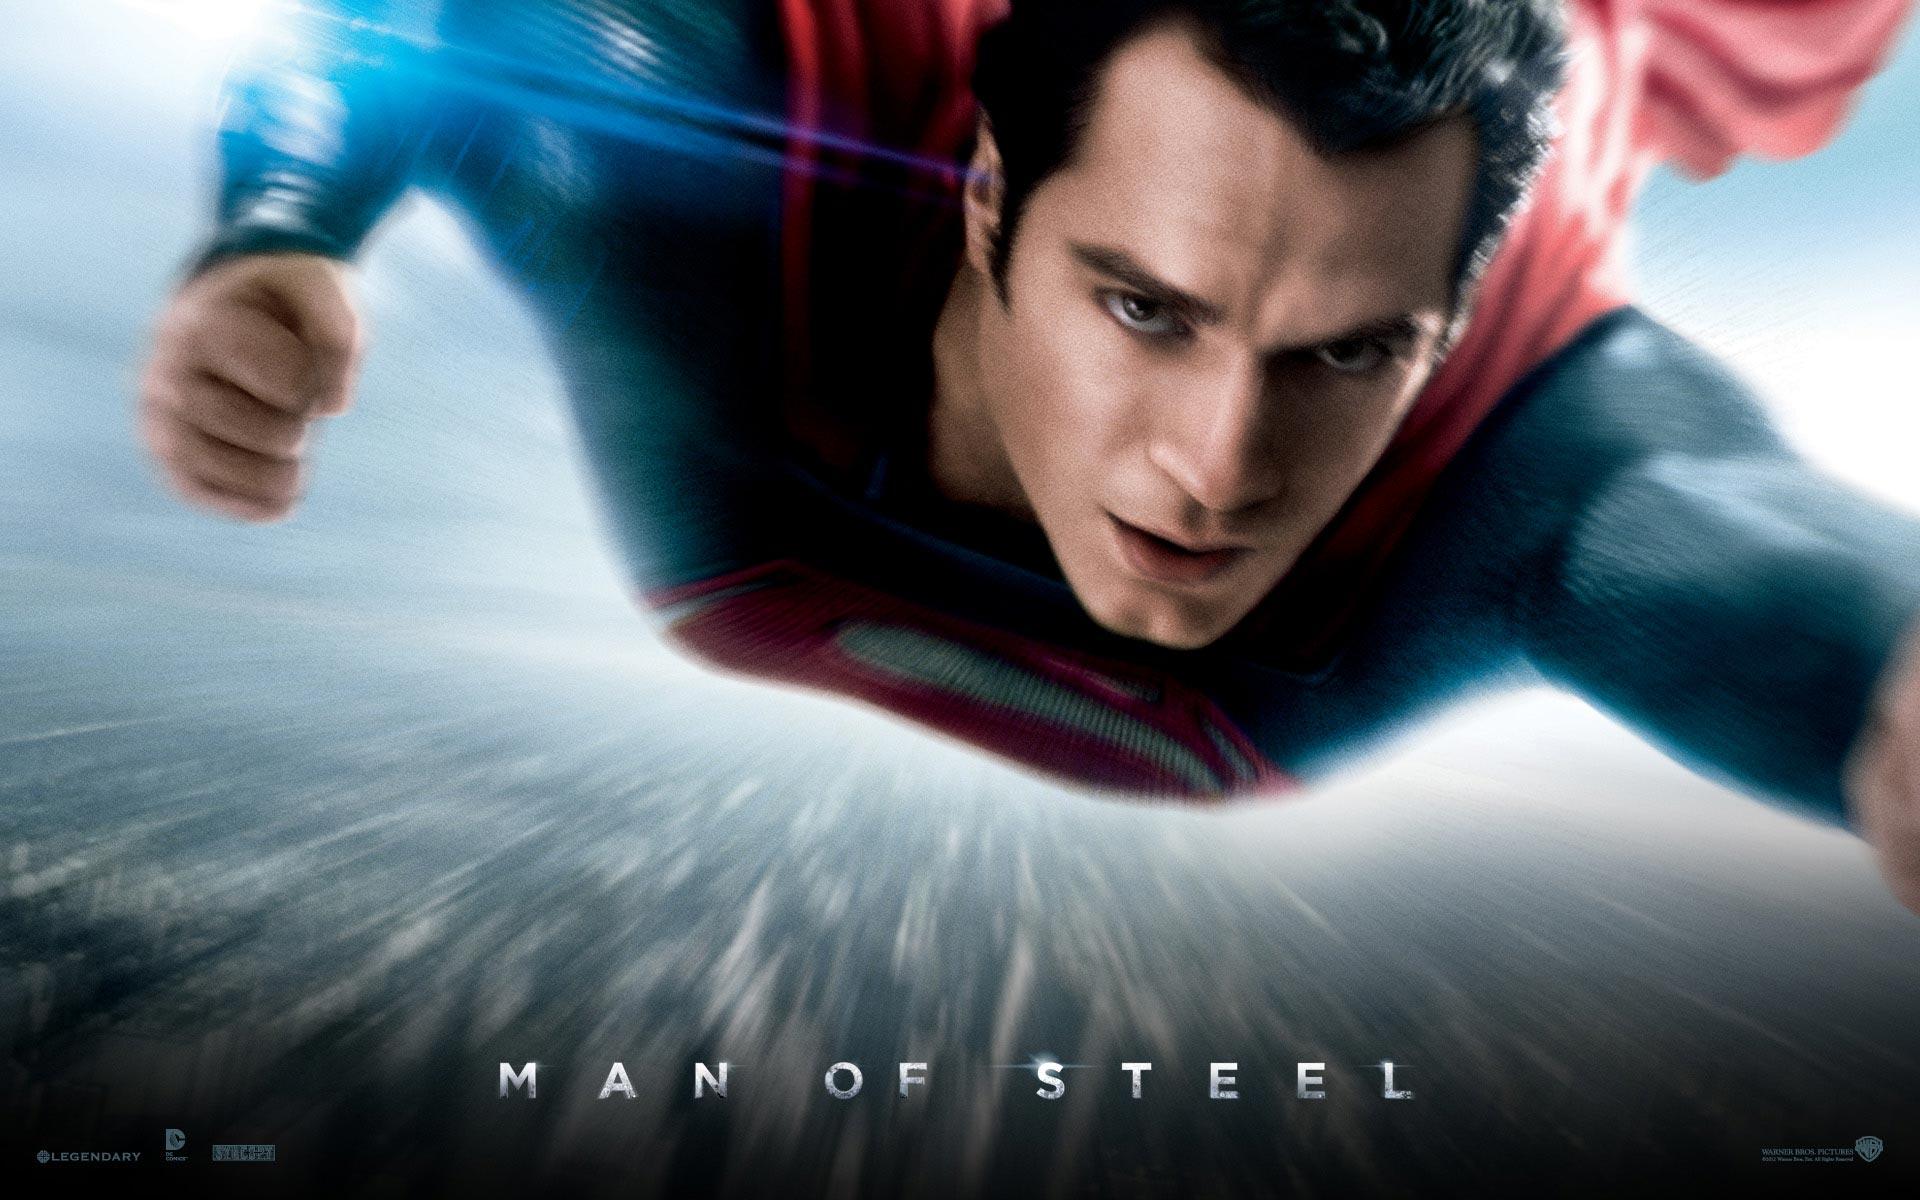 Man of Steel, Lois Lane, Zod